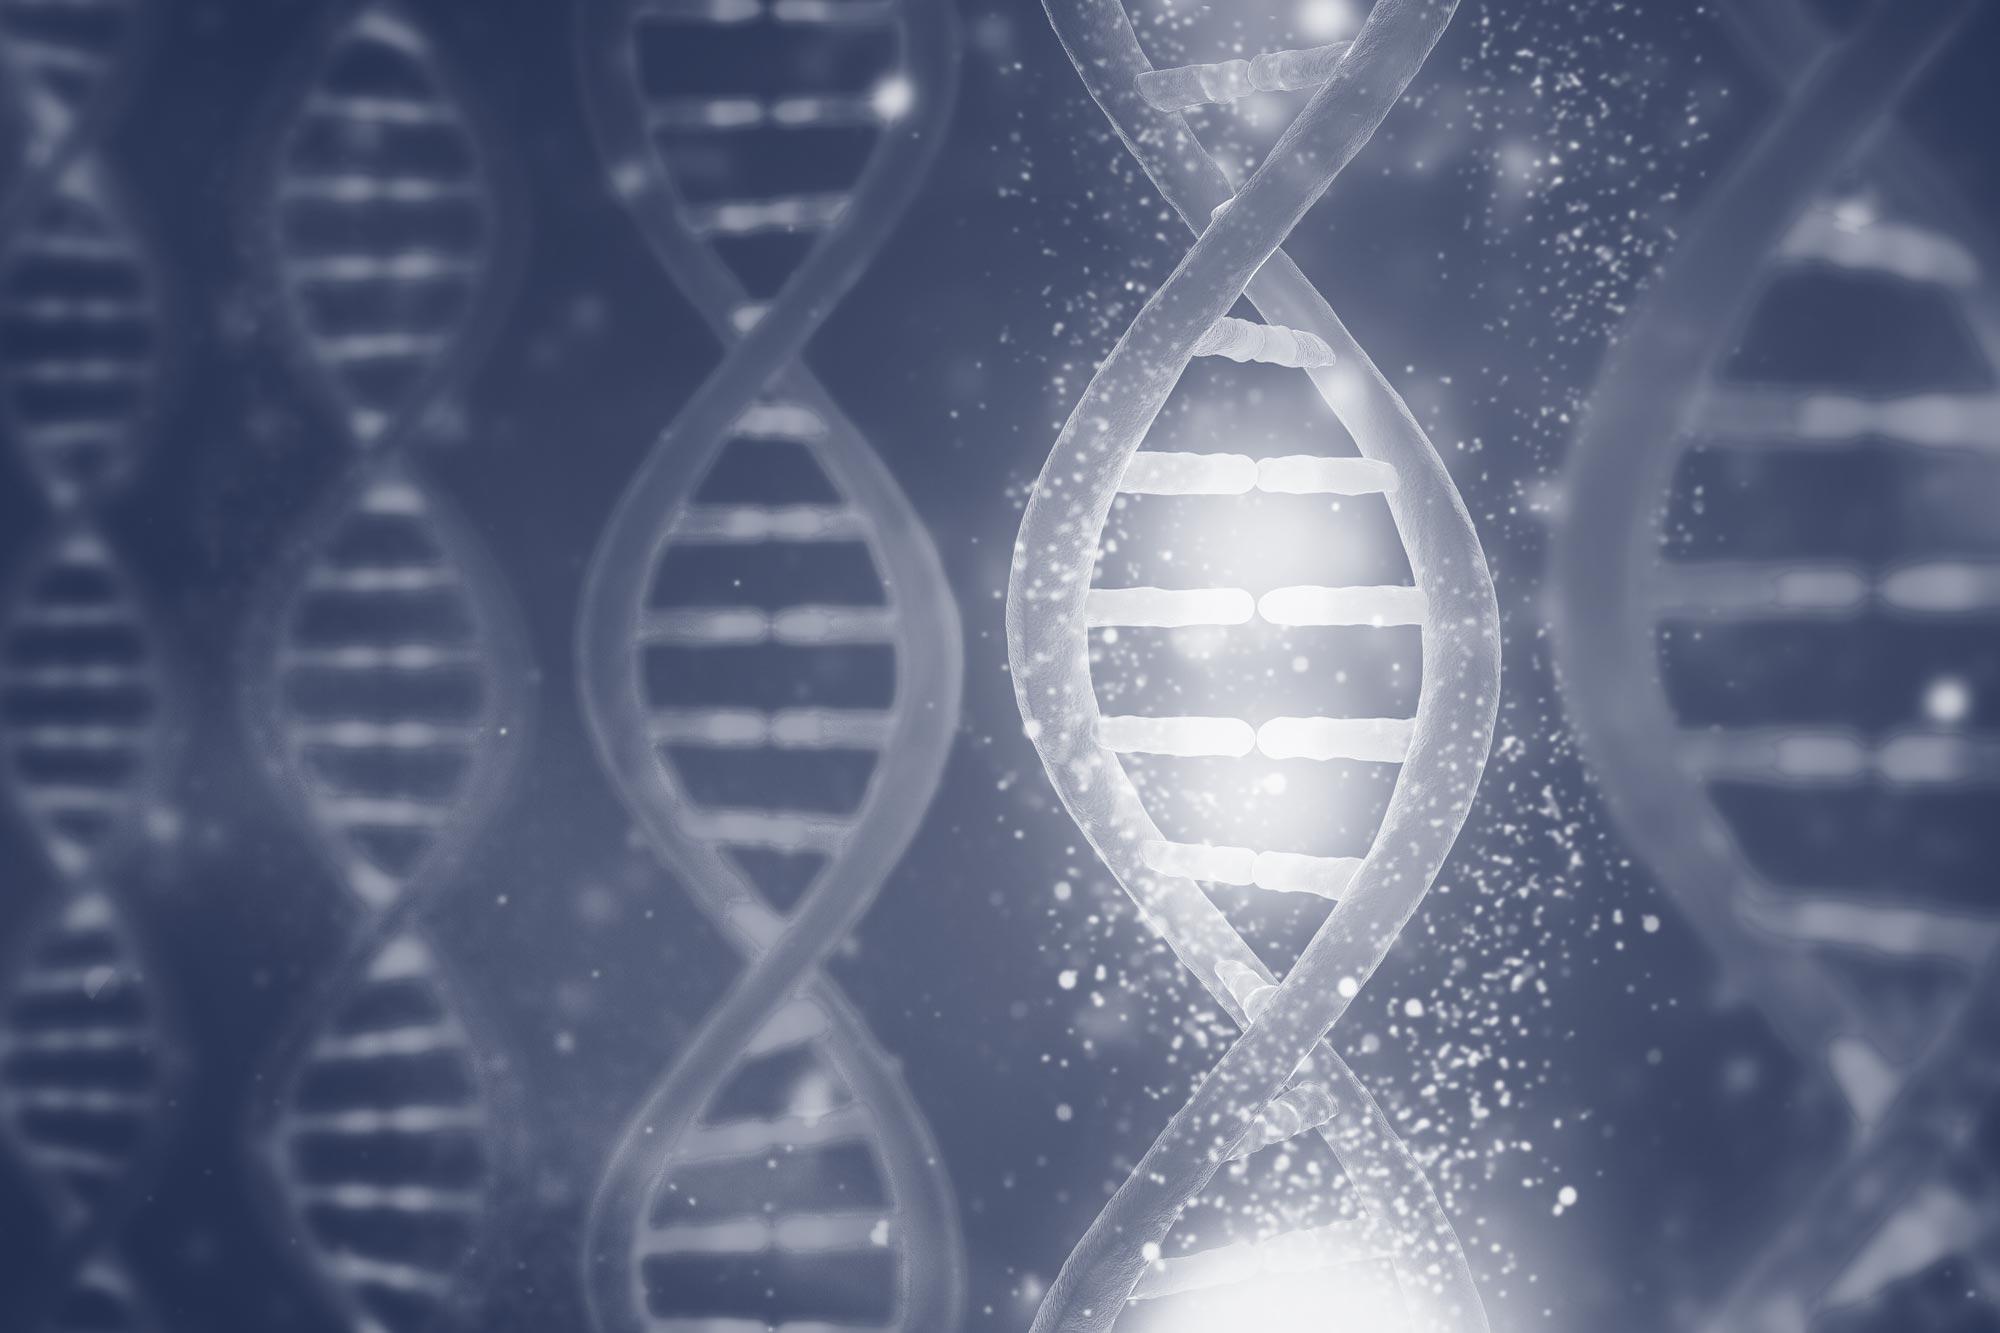 Major Asian Gene Study to Help Doctors Understand, Treat Disease